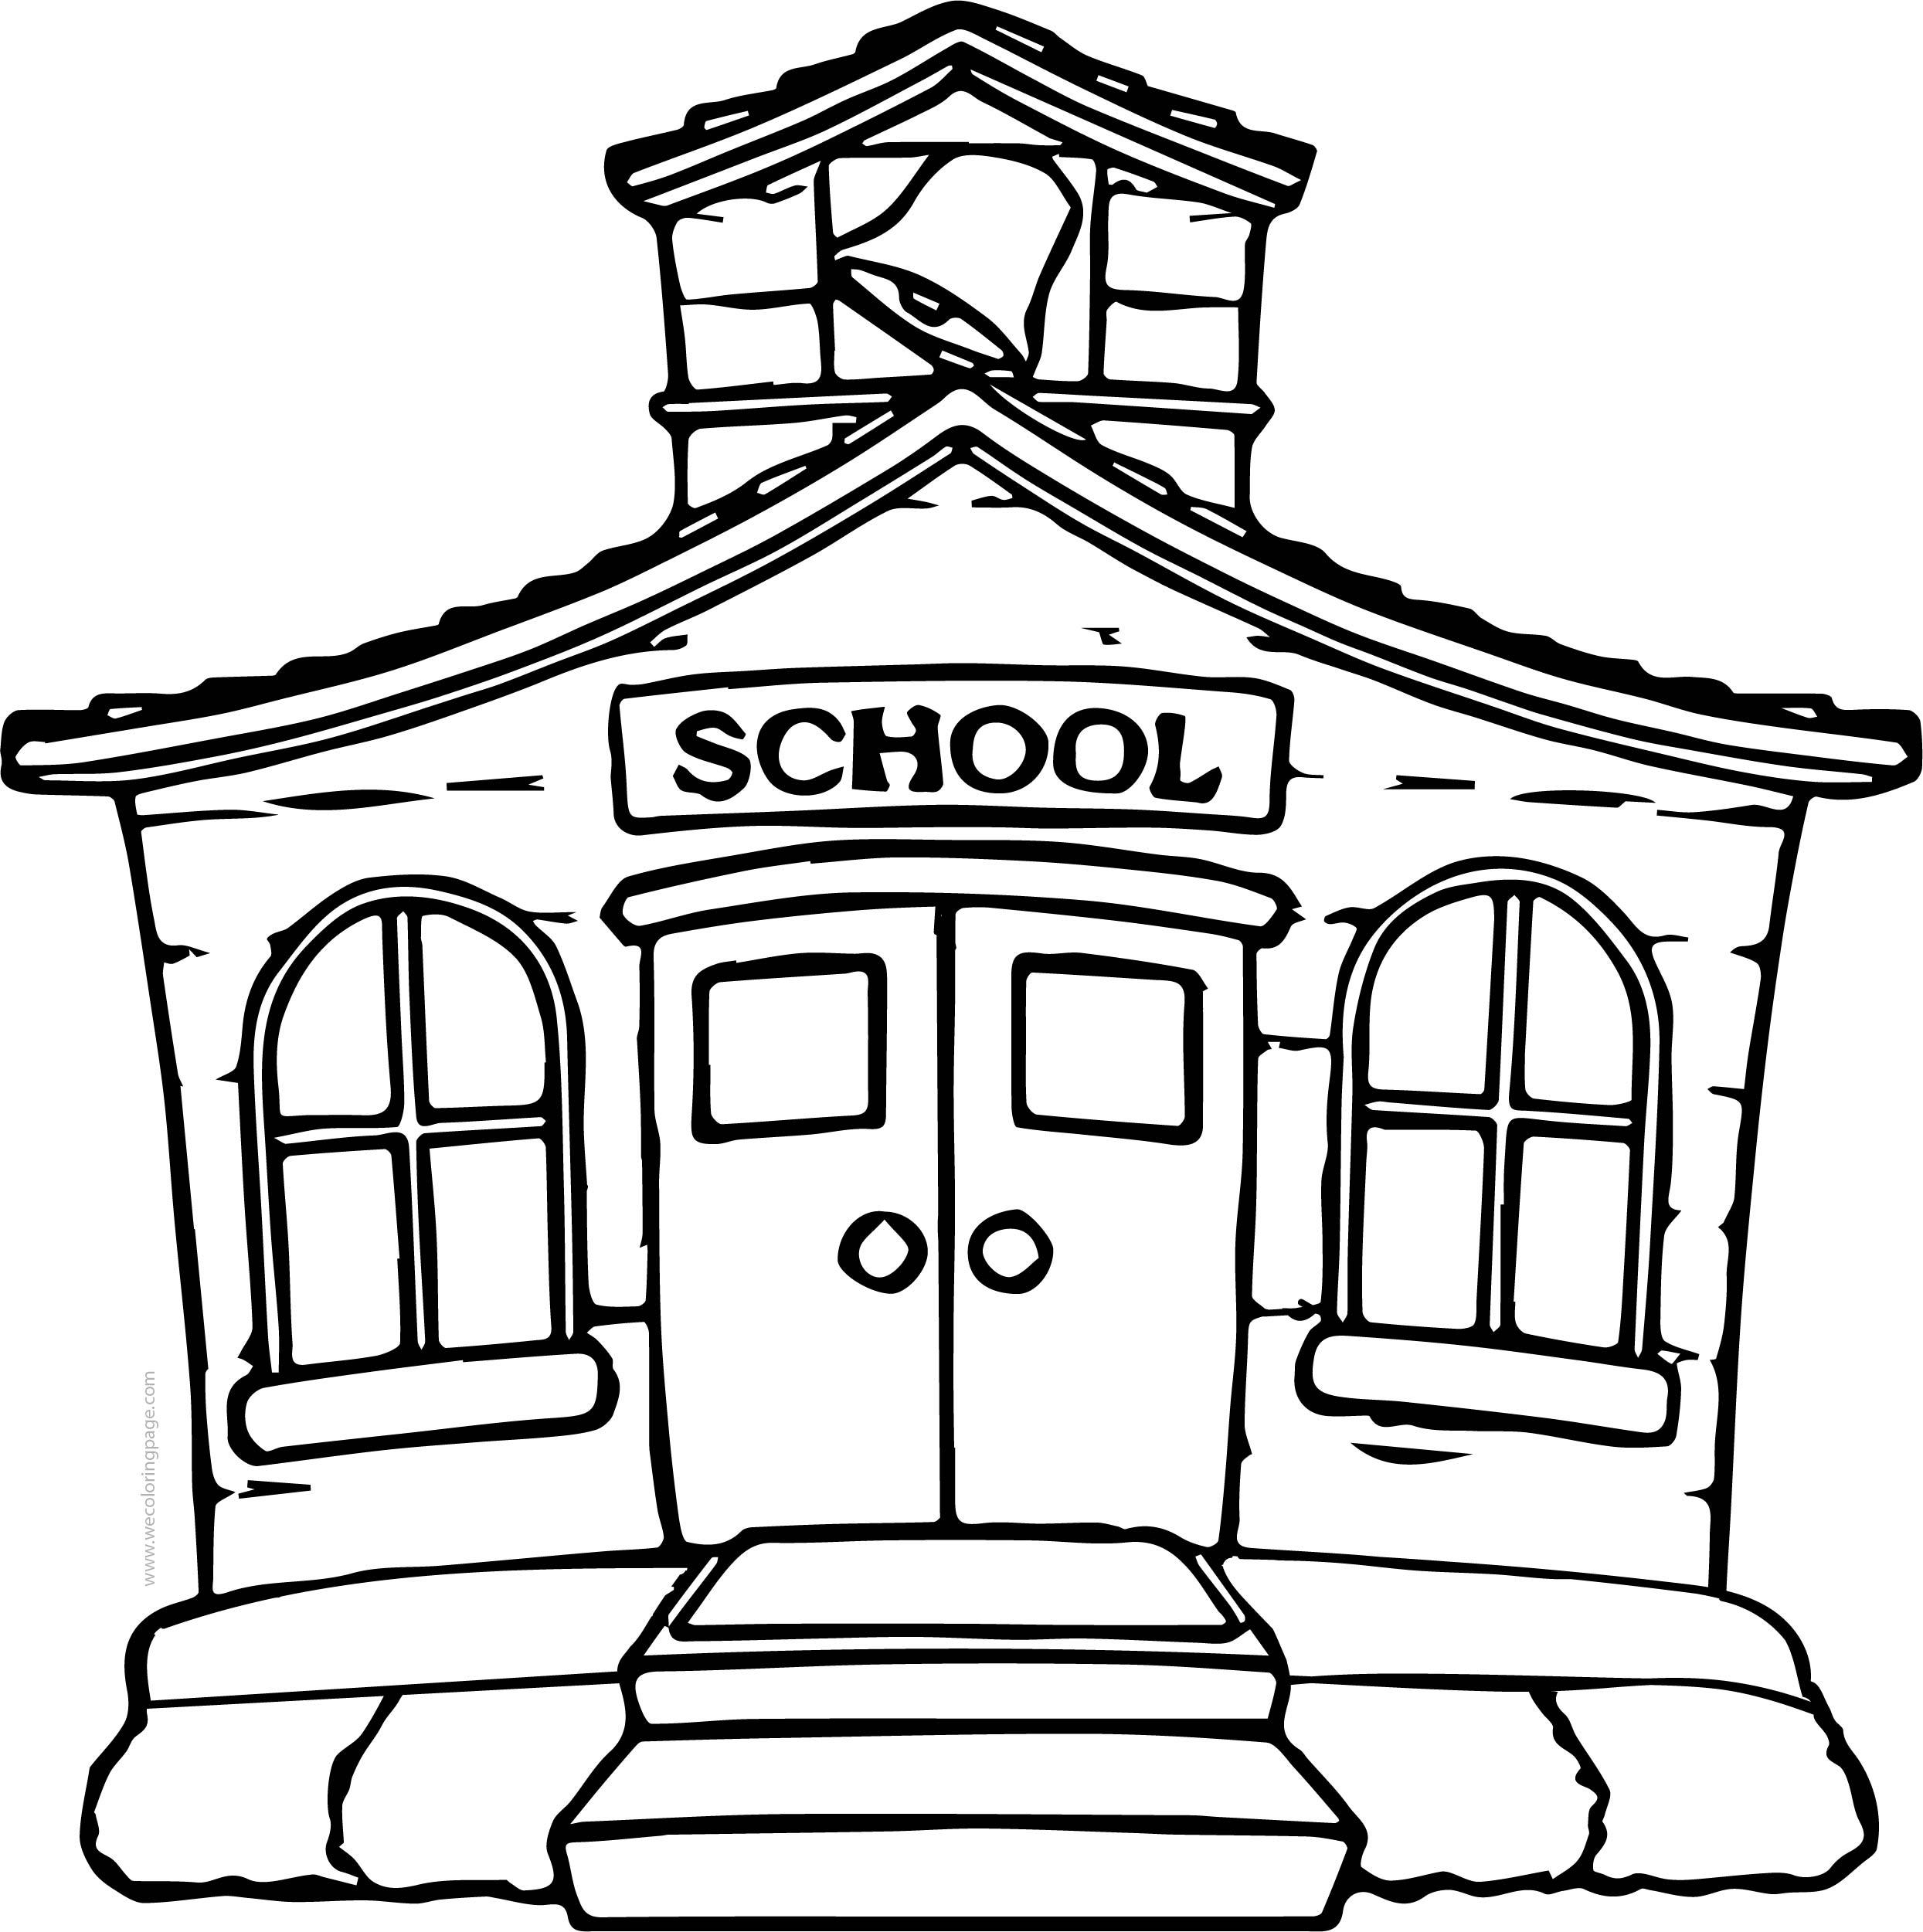 School Building Free School Building Coloring Page